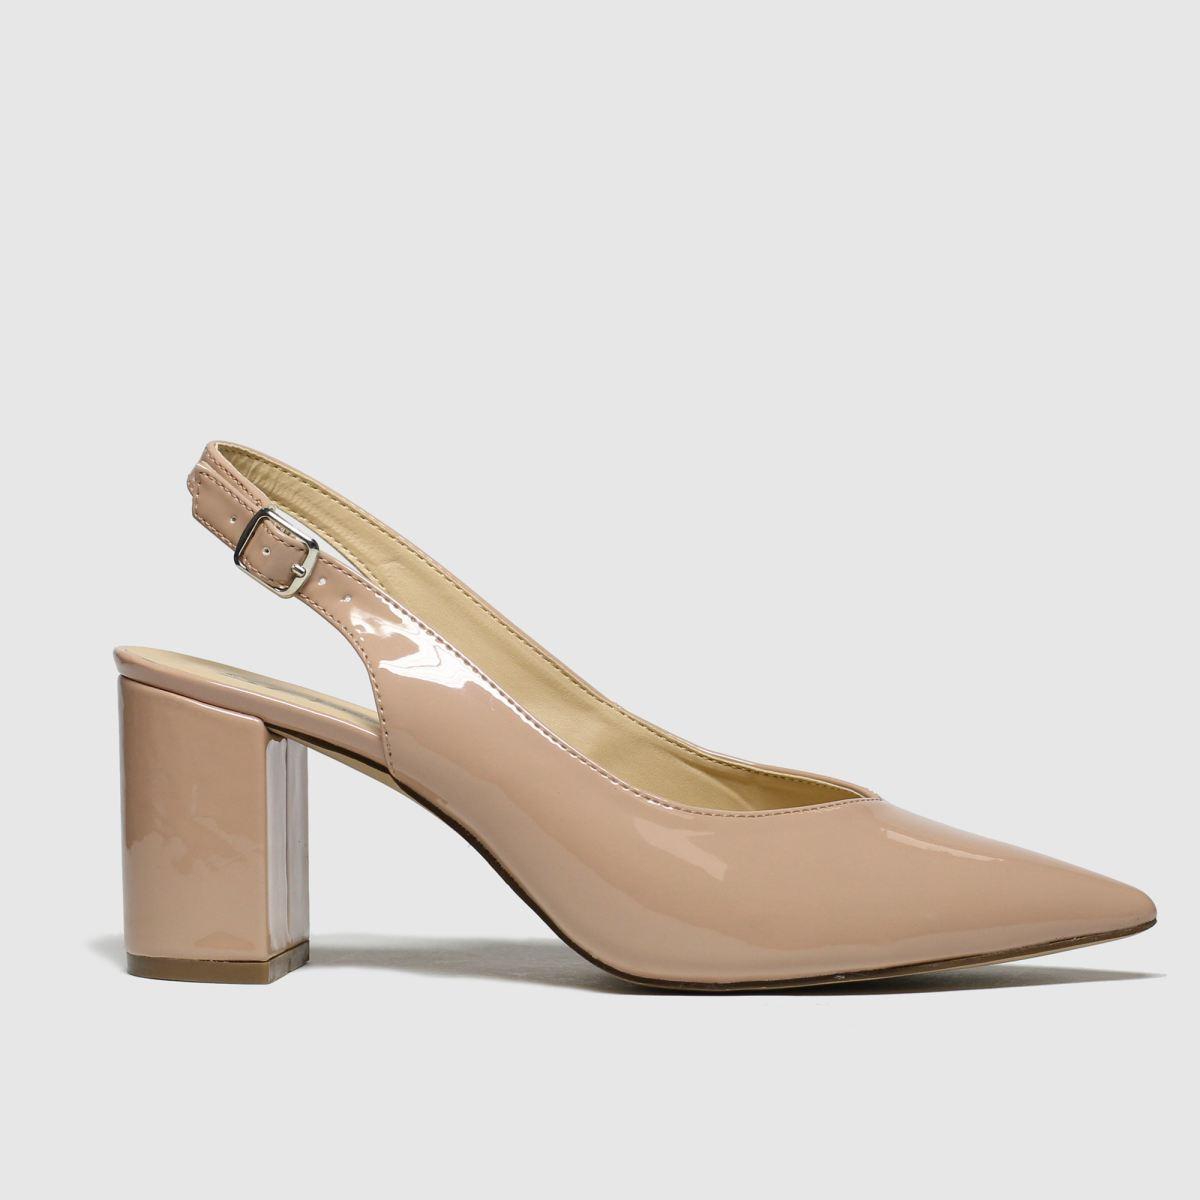 schuh Schuh Natural Beam Low Heels